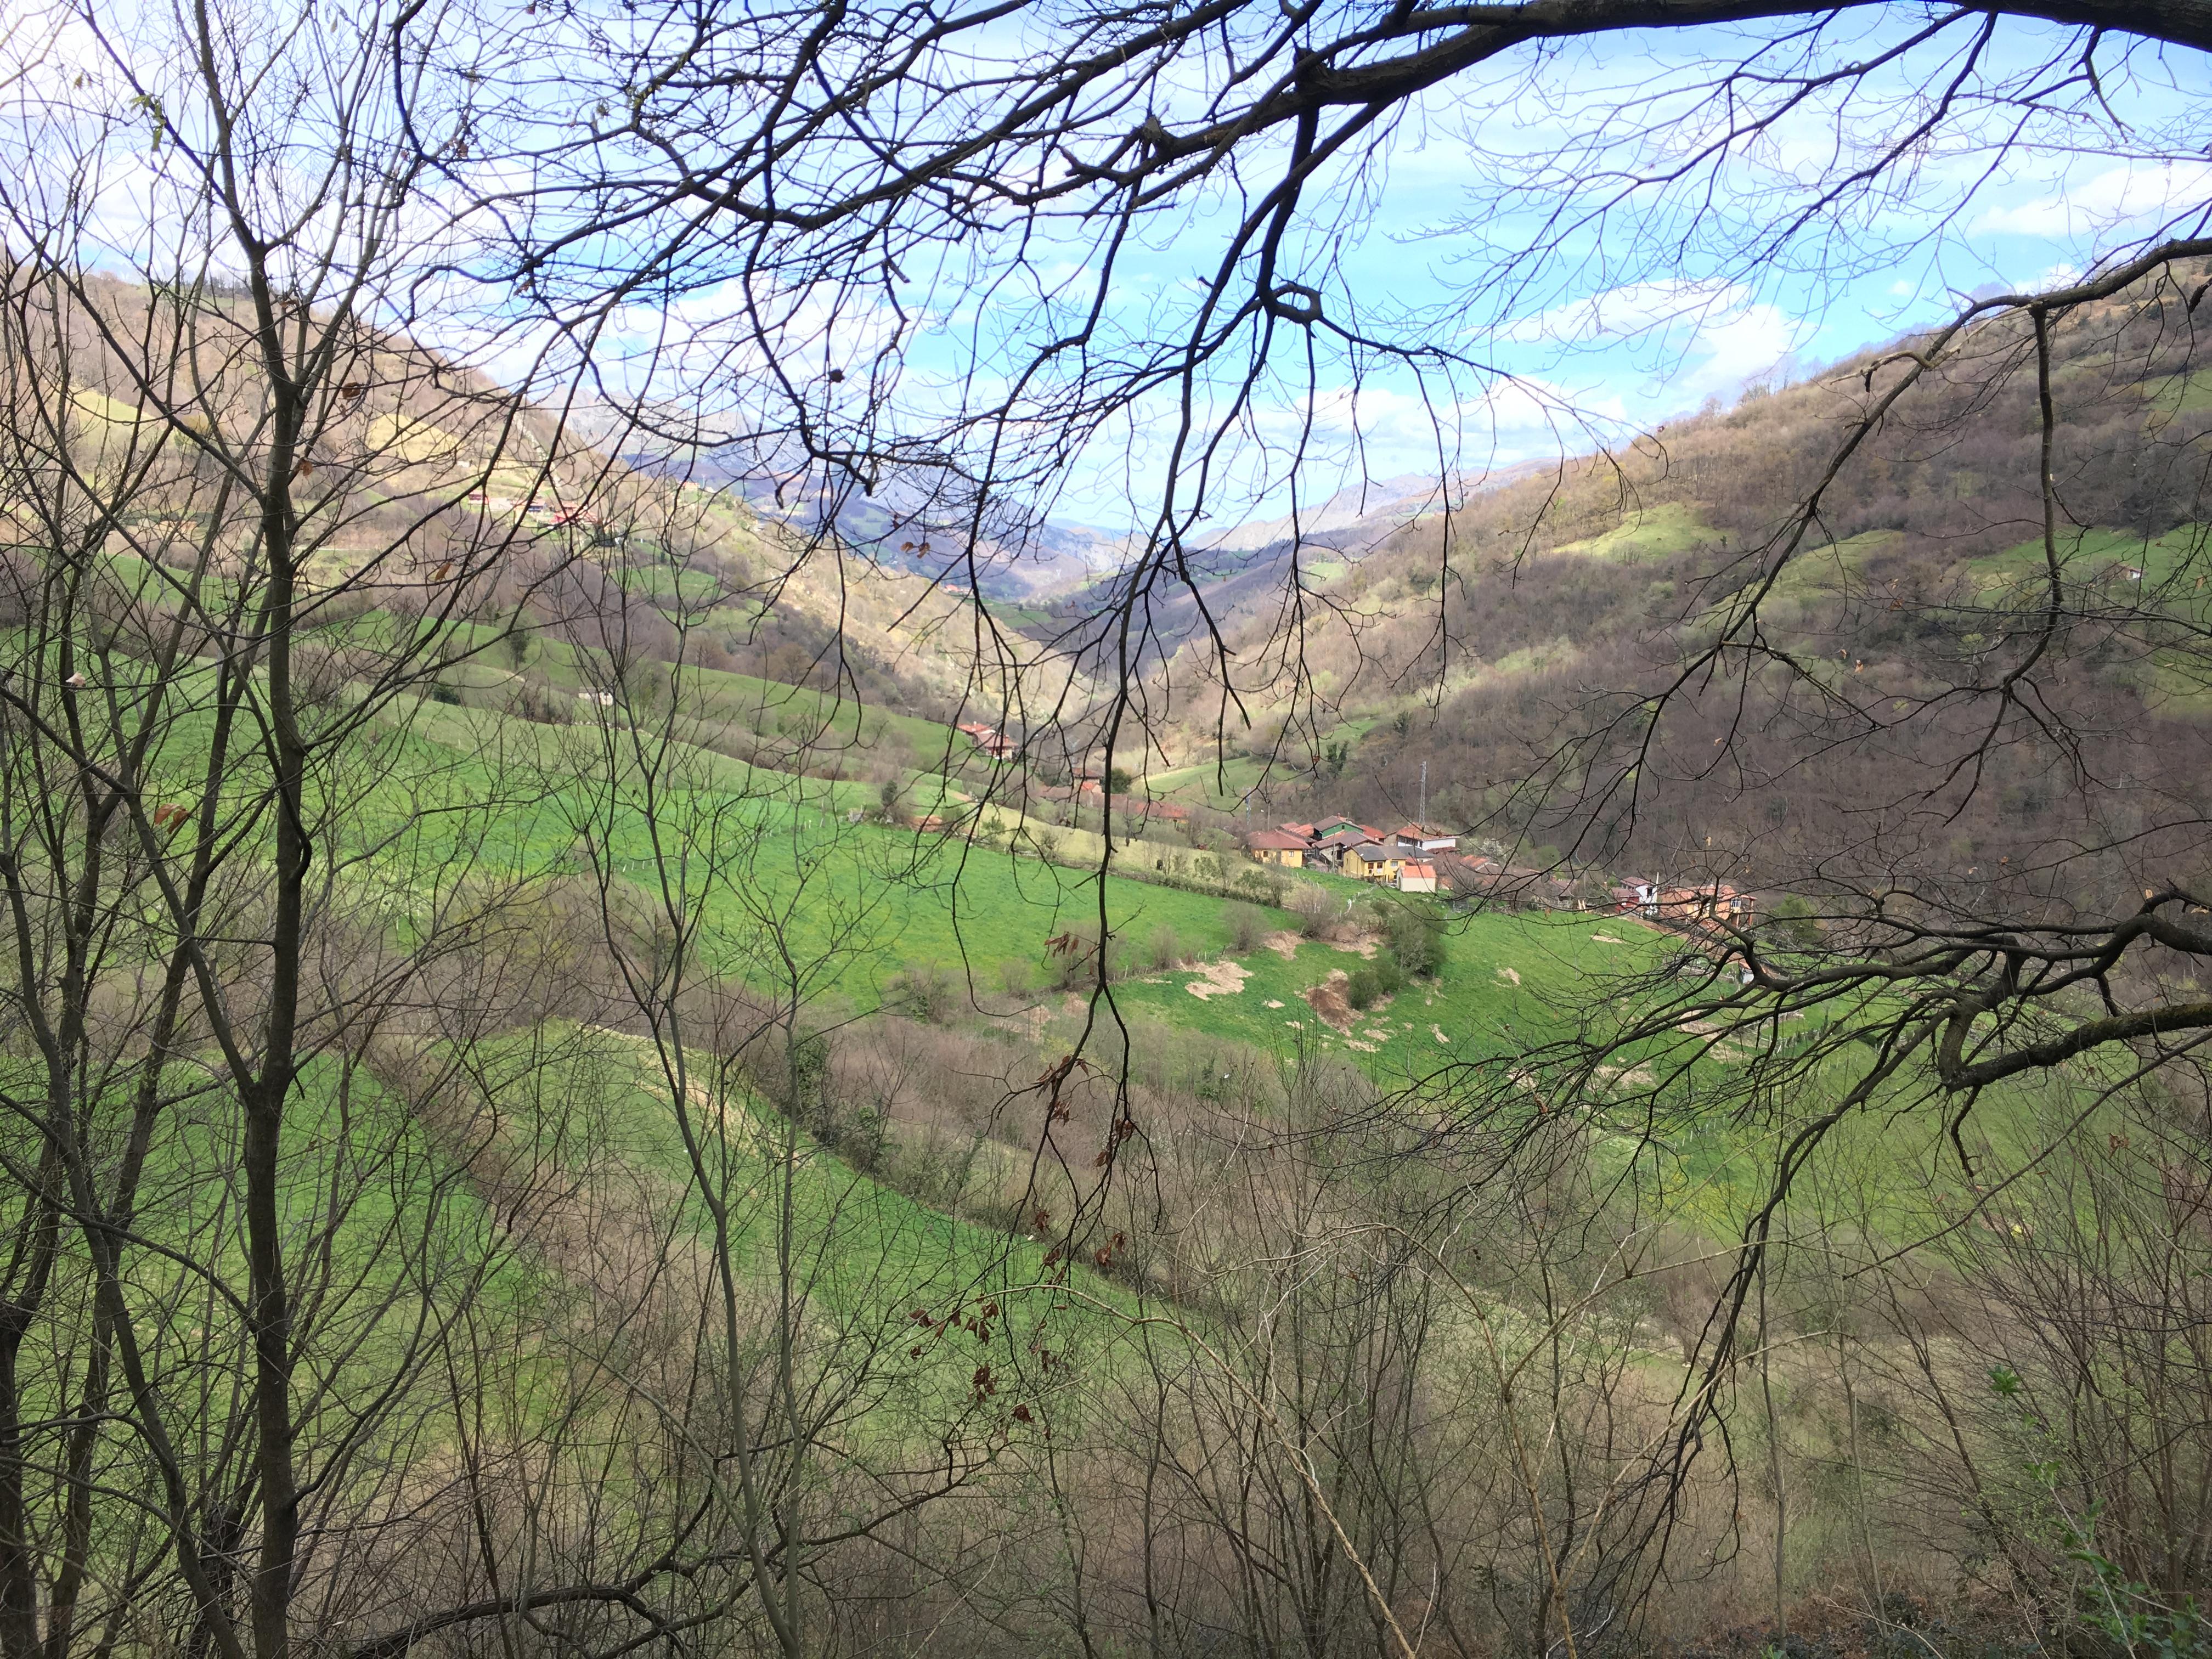 Coluvión de Llamo: camino Rioseco-Manantial del Río Llamo sobre la traza de la Conducción a Oviedo desde Fuentes Calientes, Cortes y Lindes (Quirós), vista del pueblo de Llamo